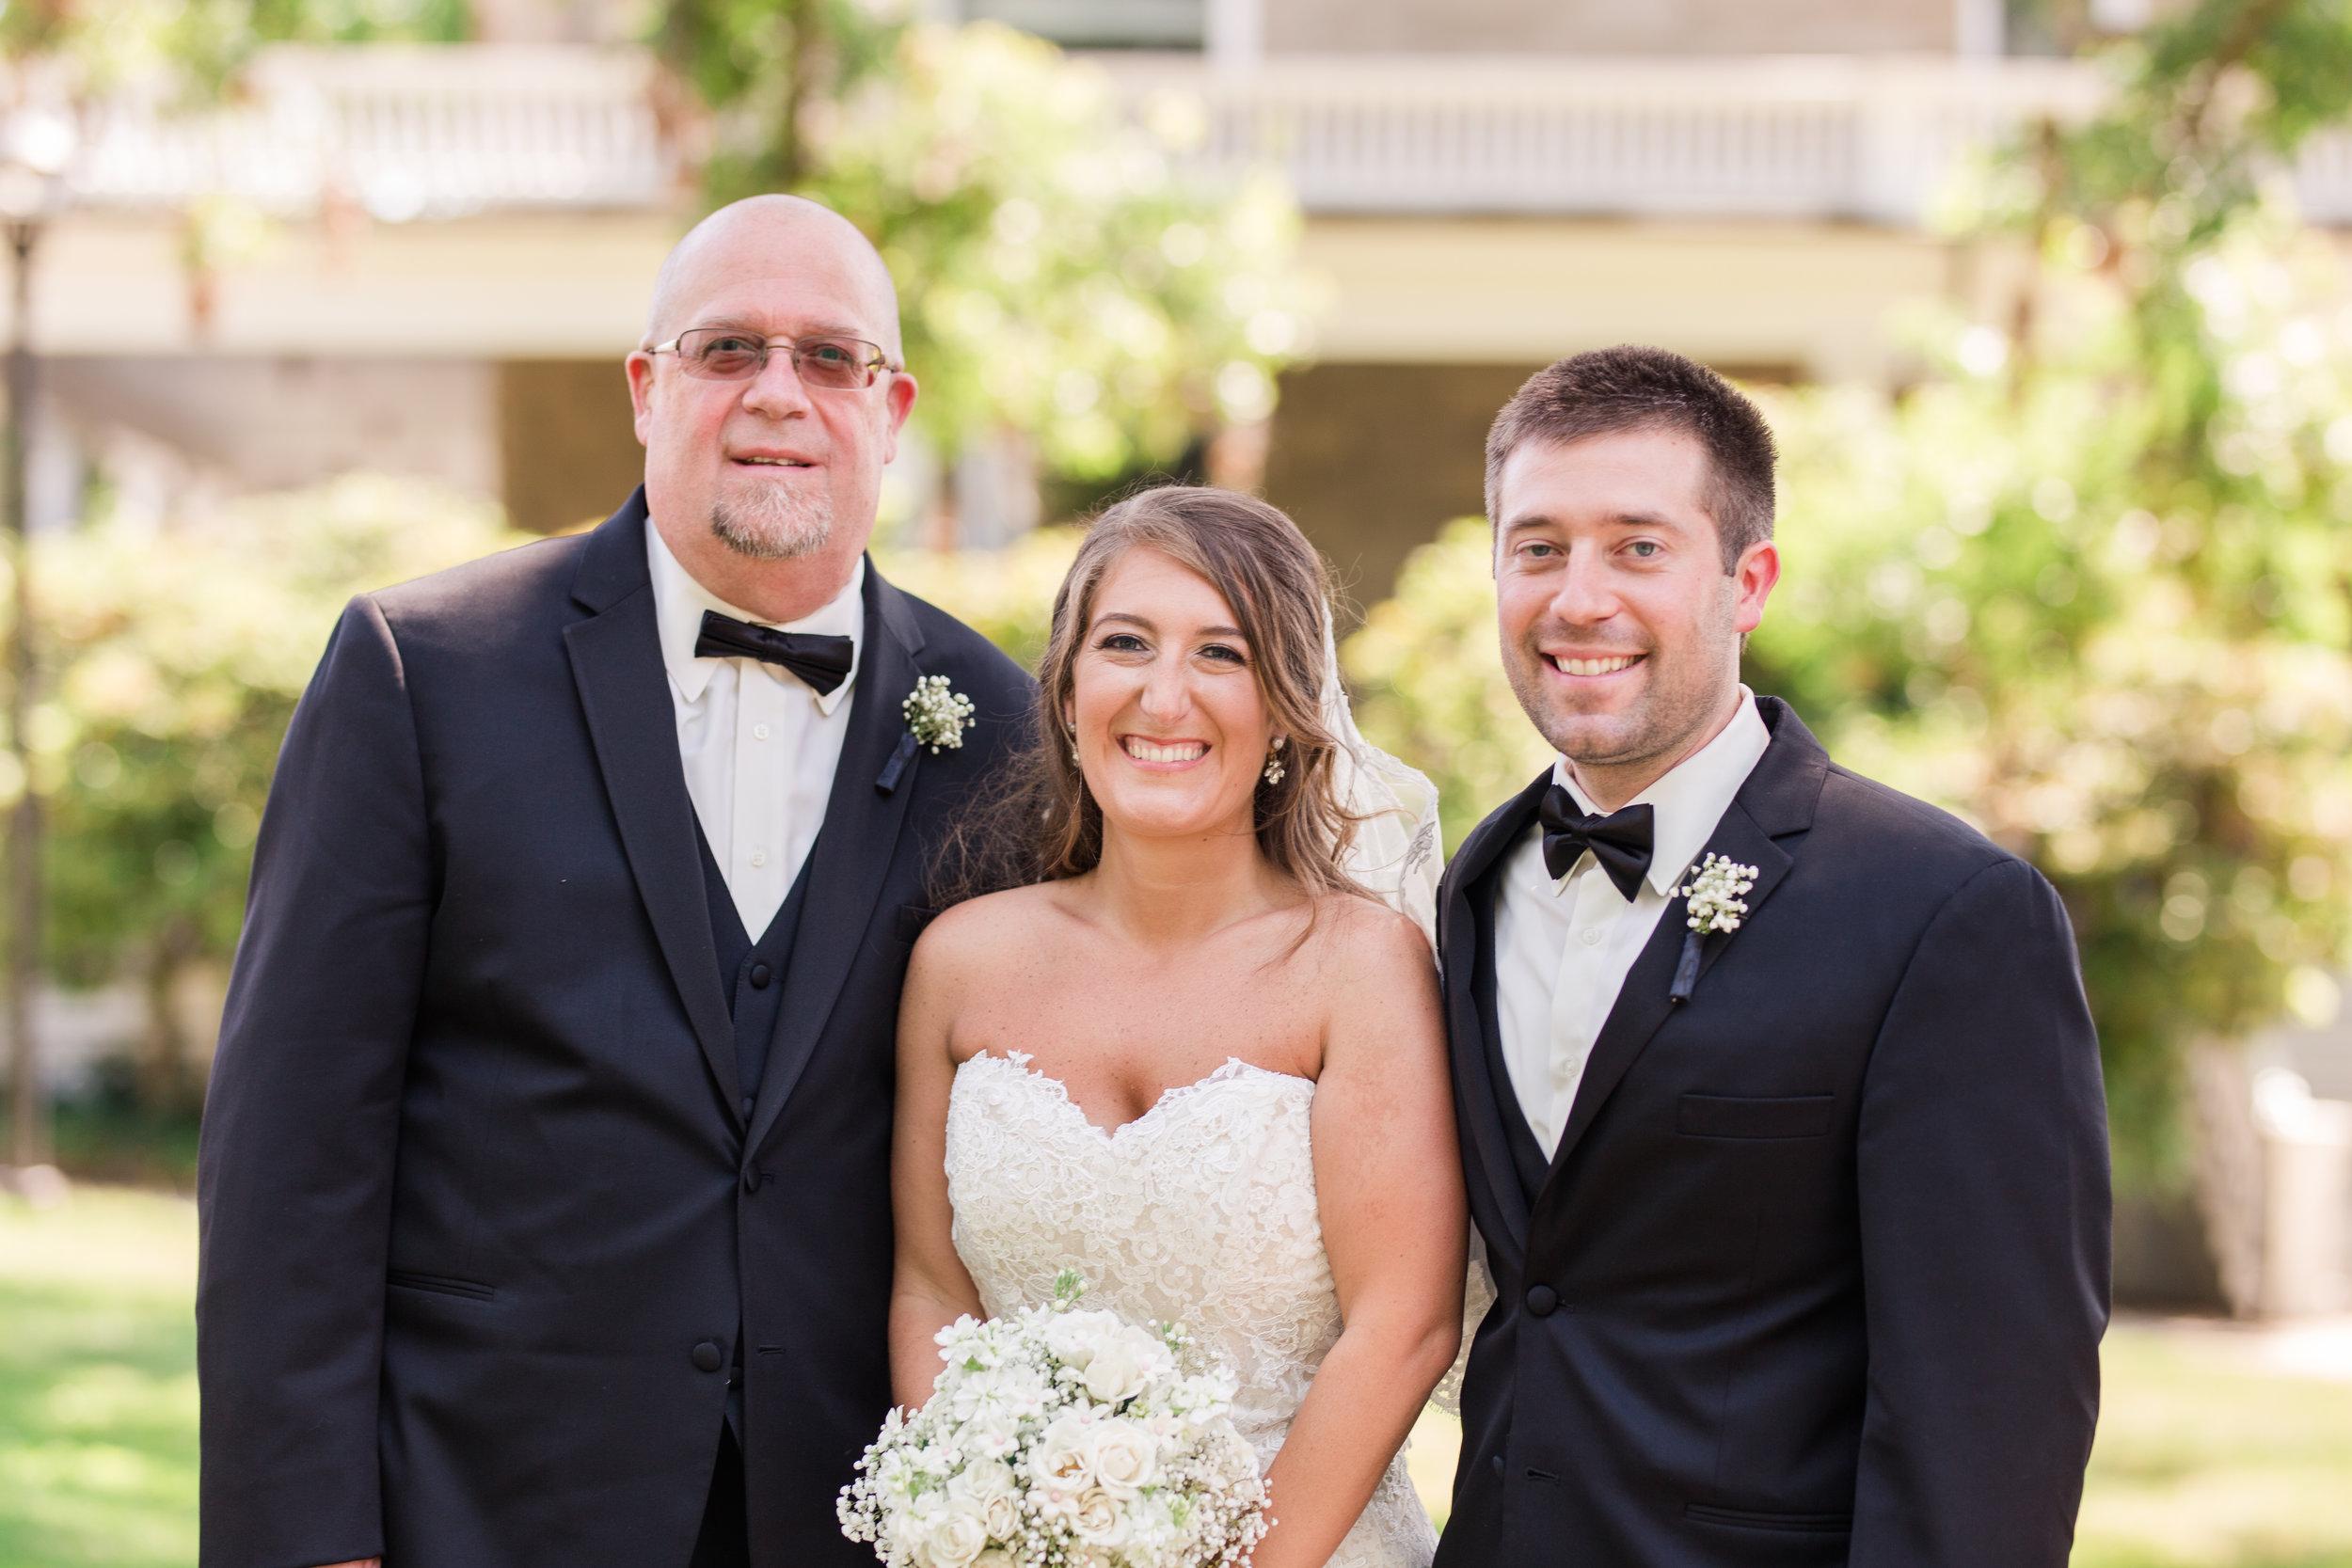 family formals-93.jpg